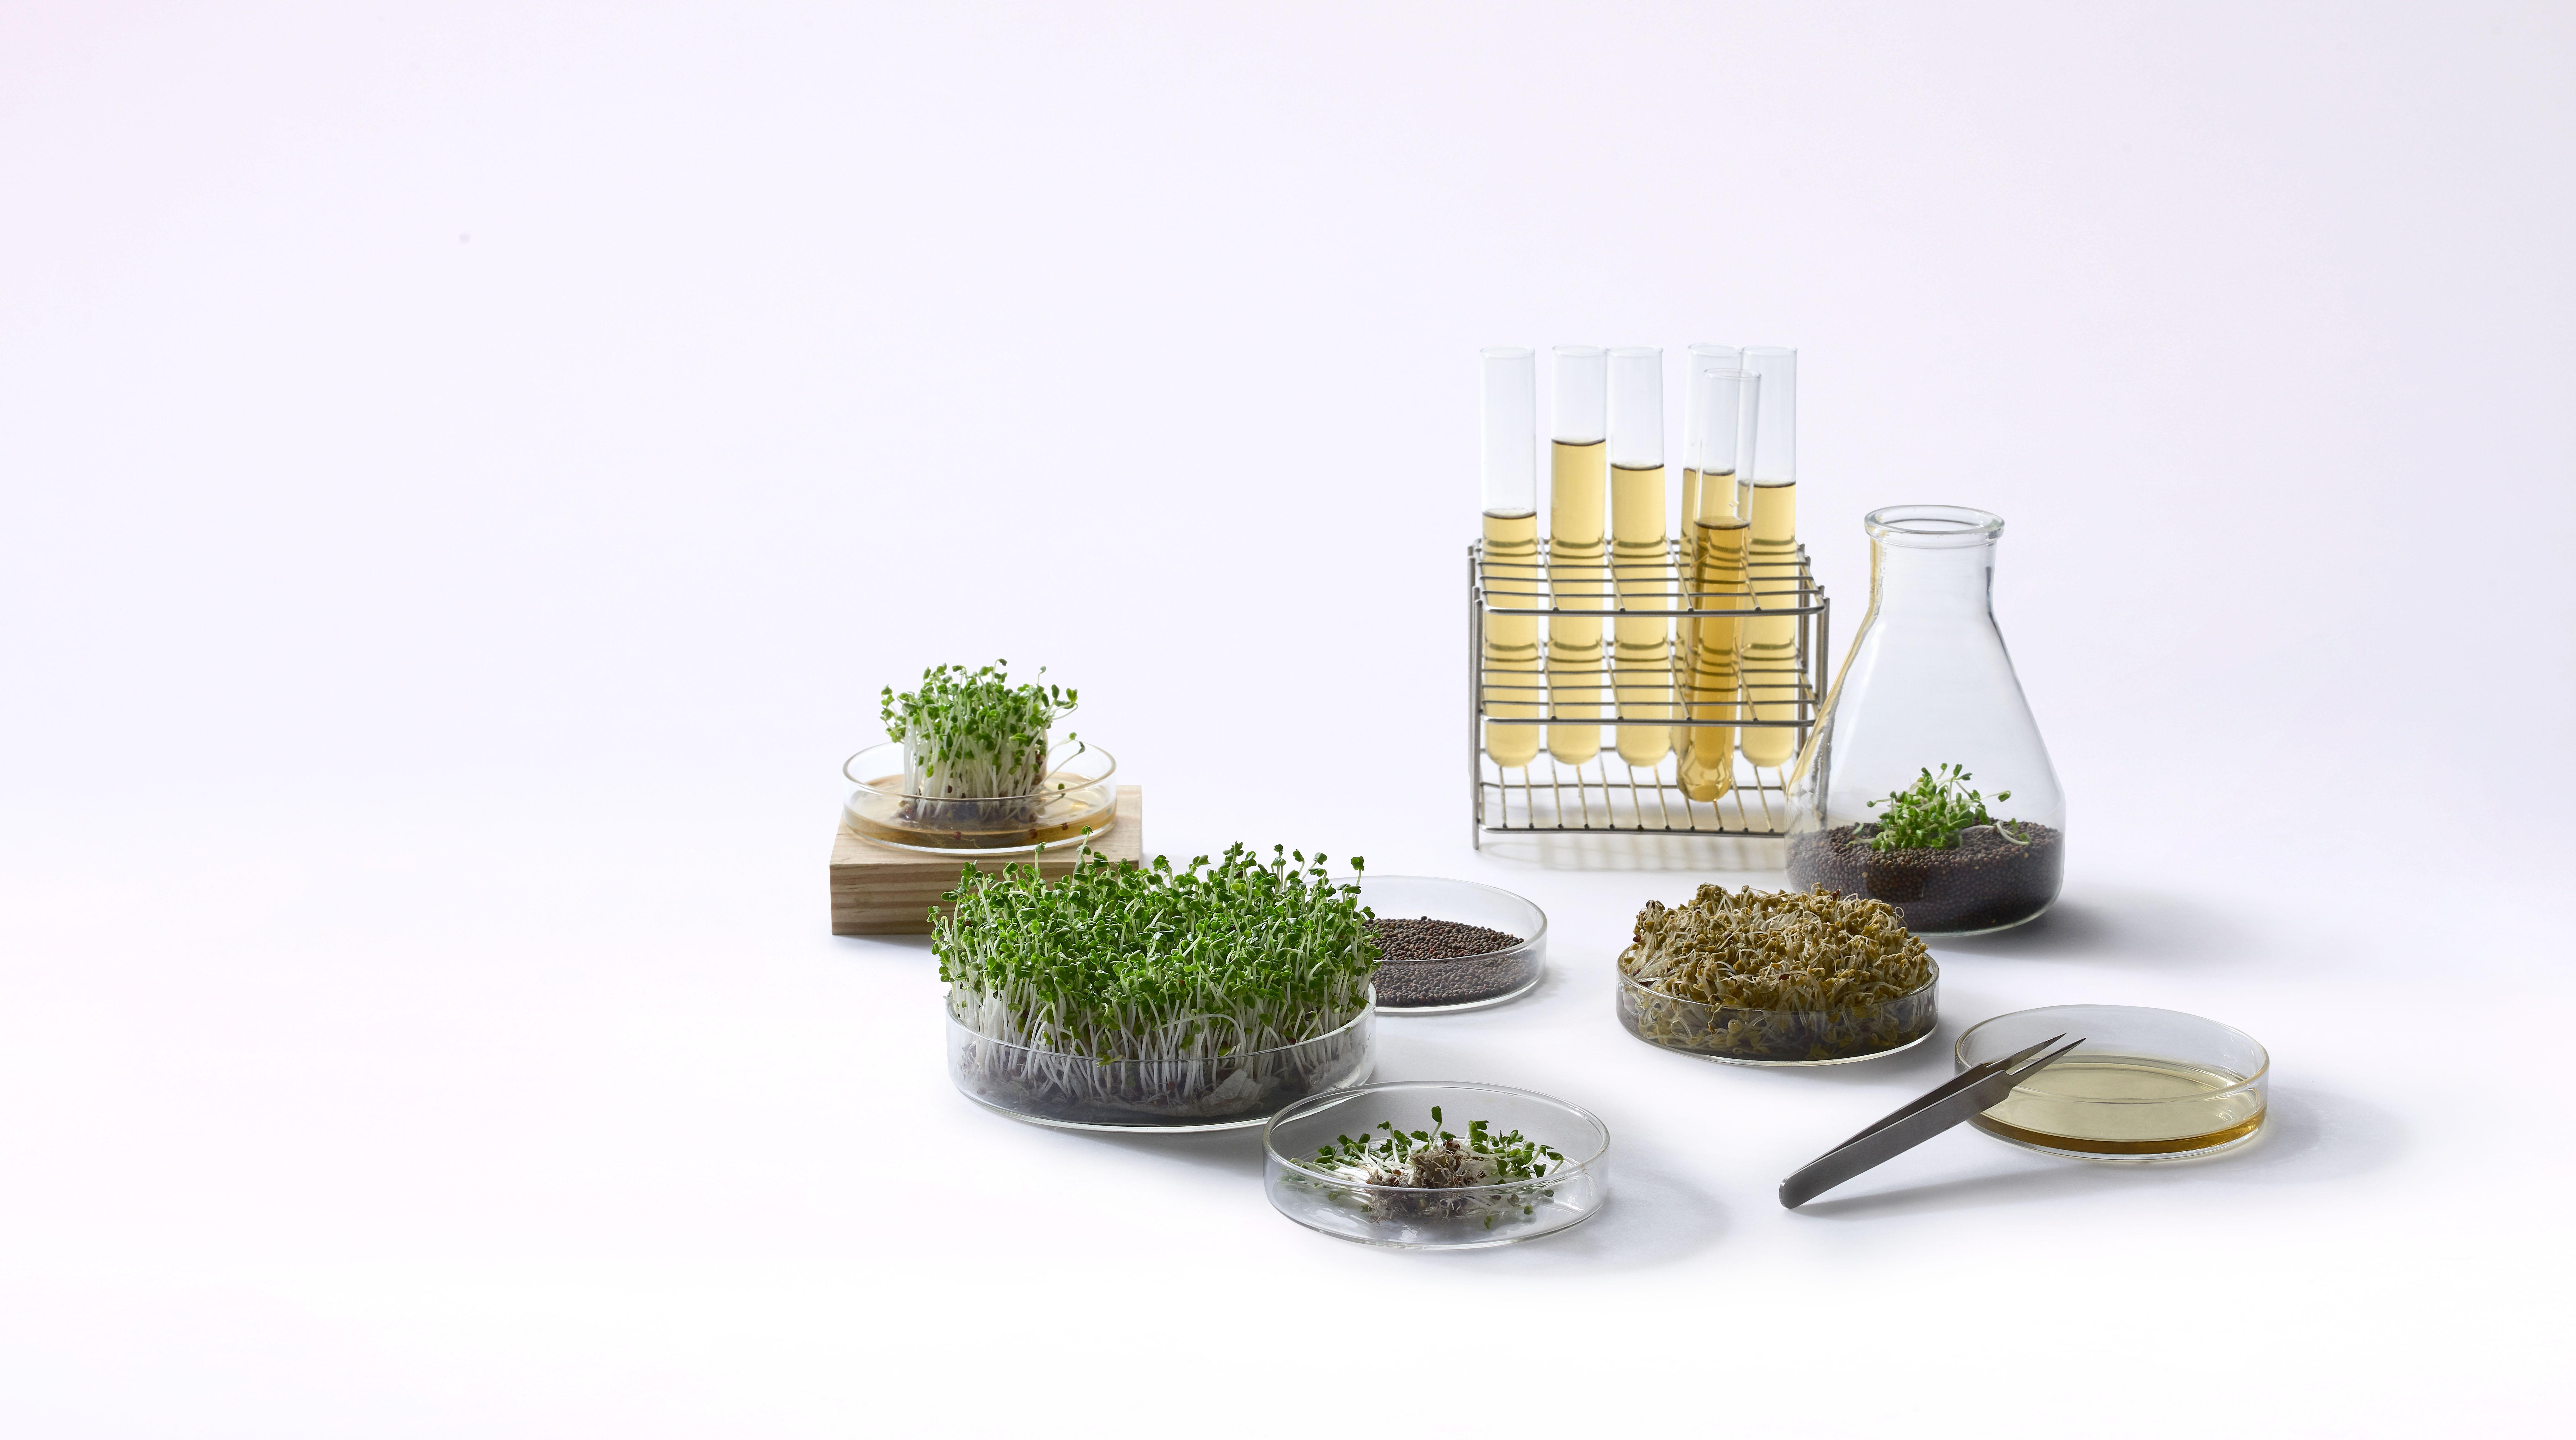 圖說二:獨家技術超越業界植萃,世紀百大抗老發現「活萃青花椰苗」,來自台灣的國際保養成分